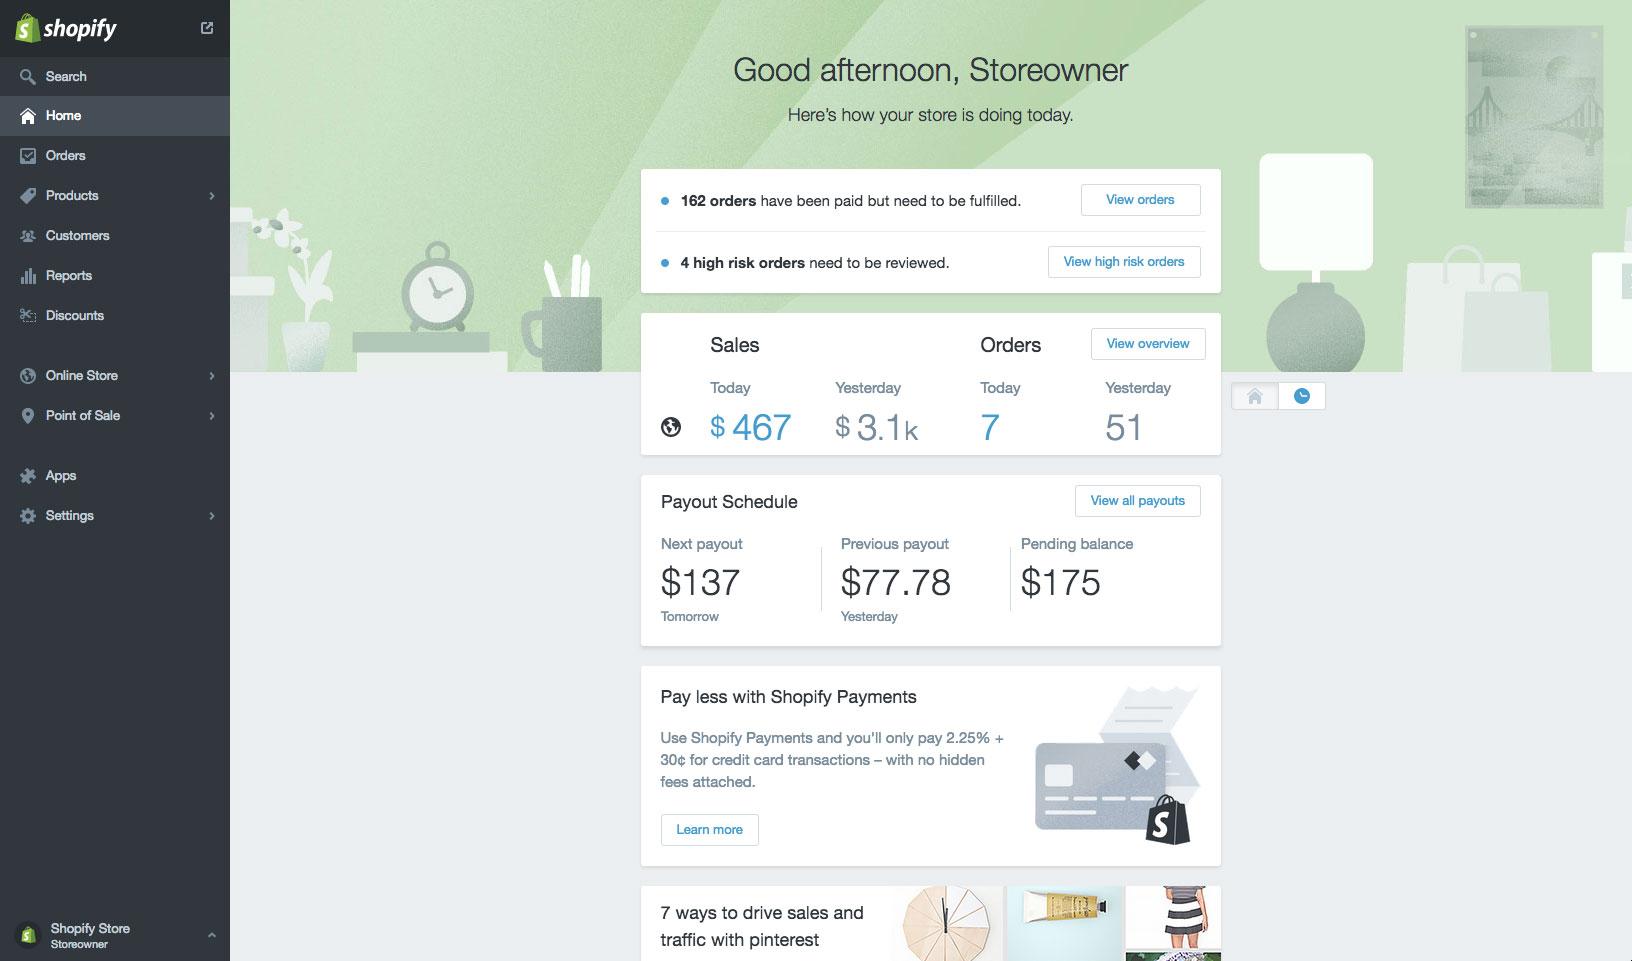 shopify-screenshot